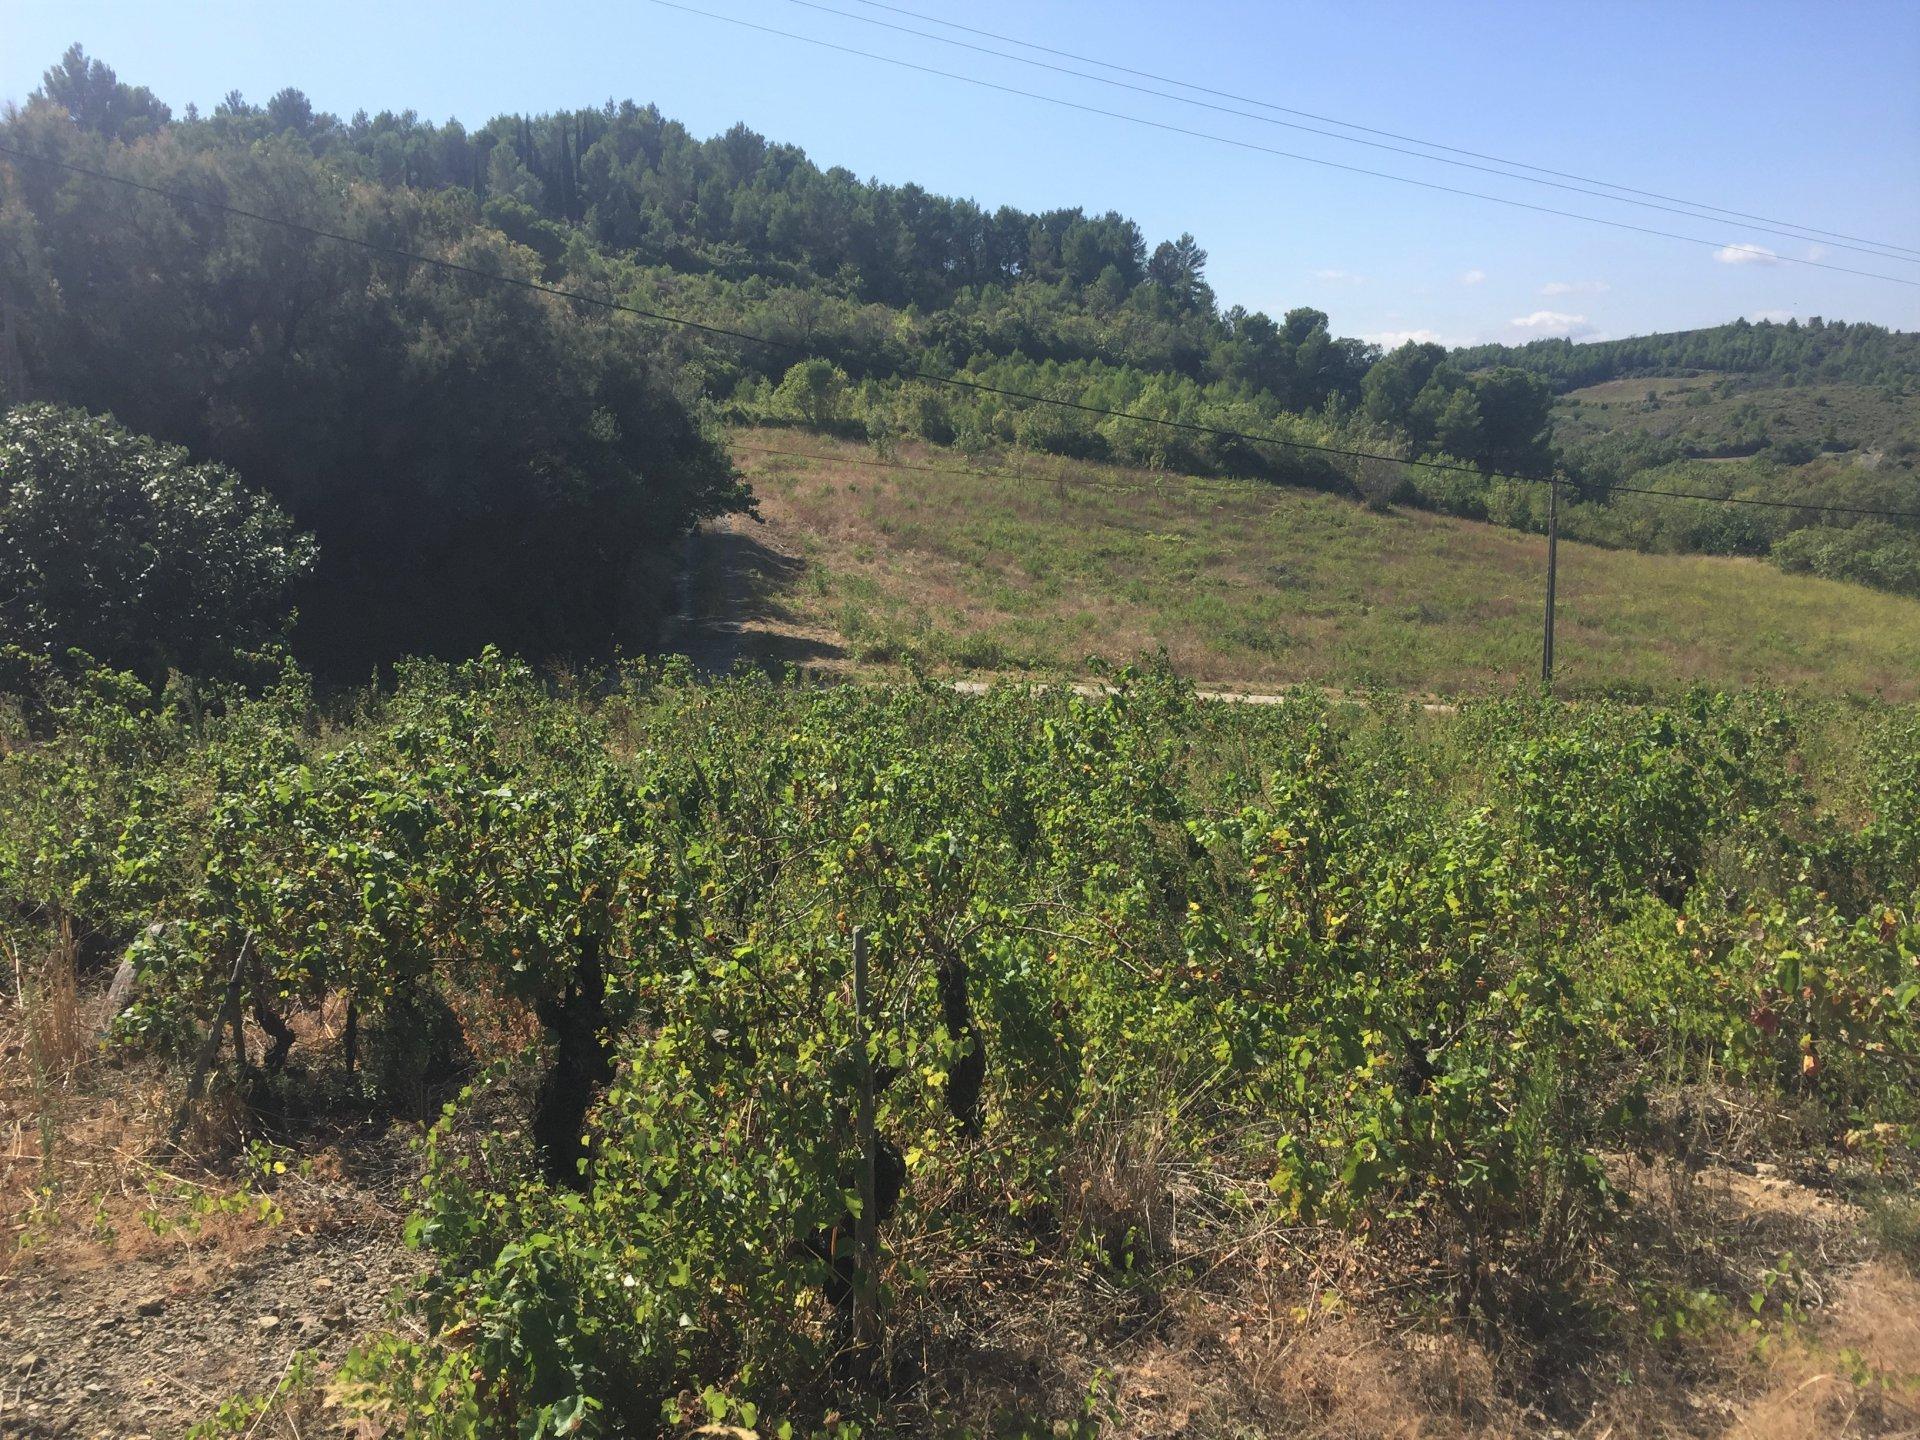 Maison ancienne avec jardin et parcelle de vignes